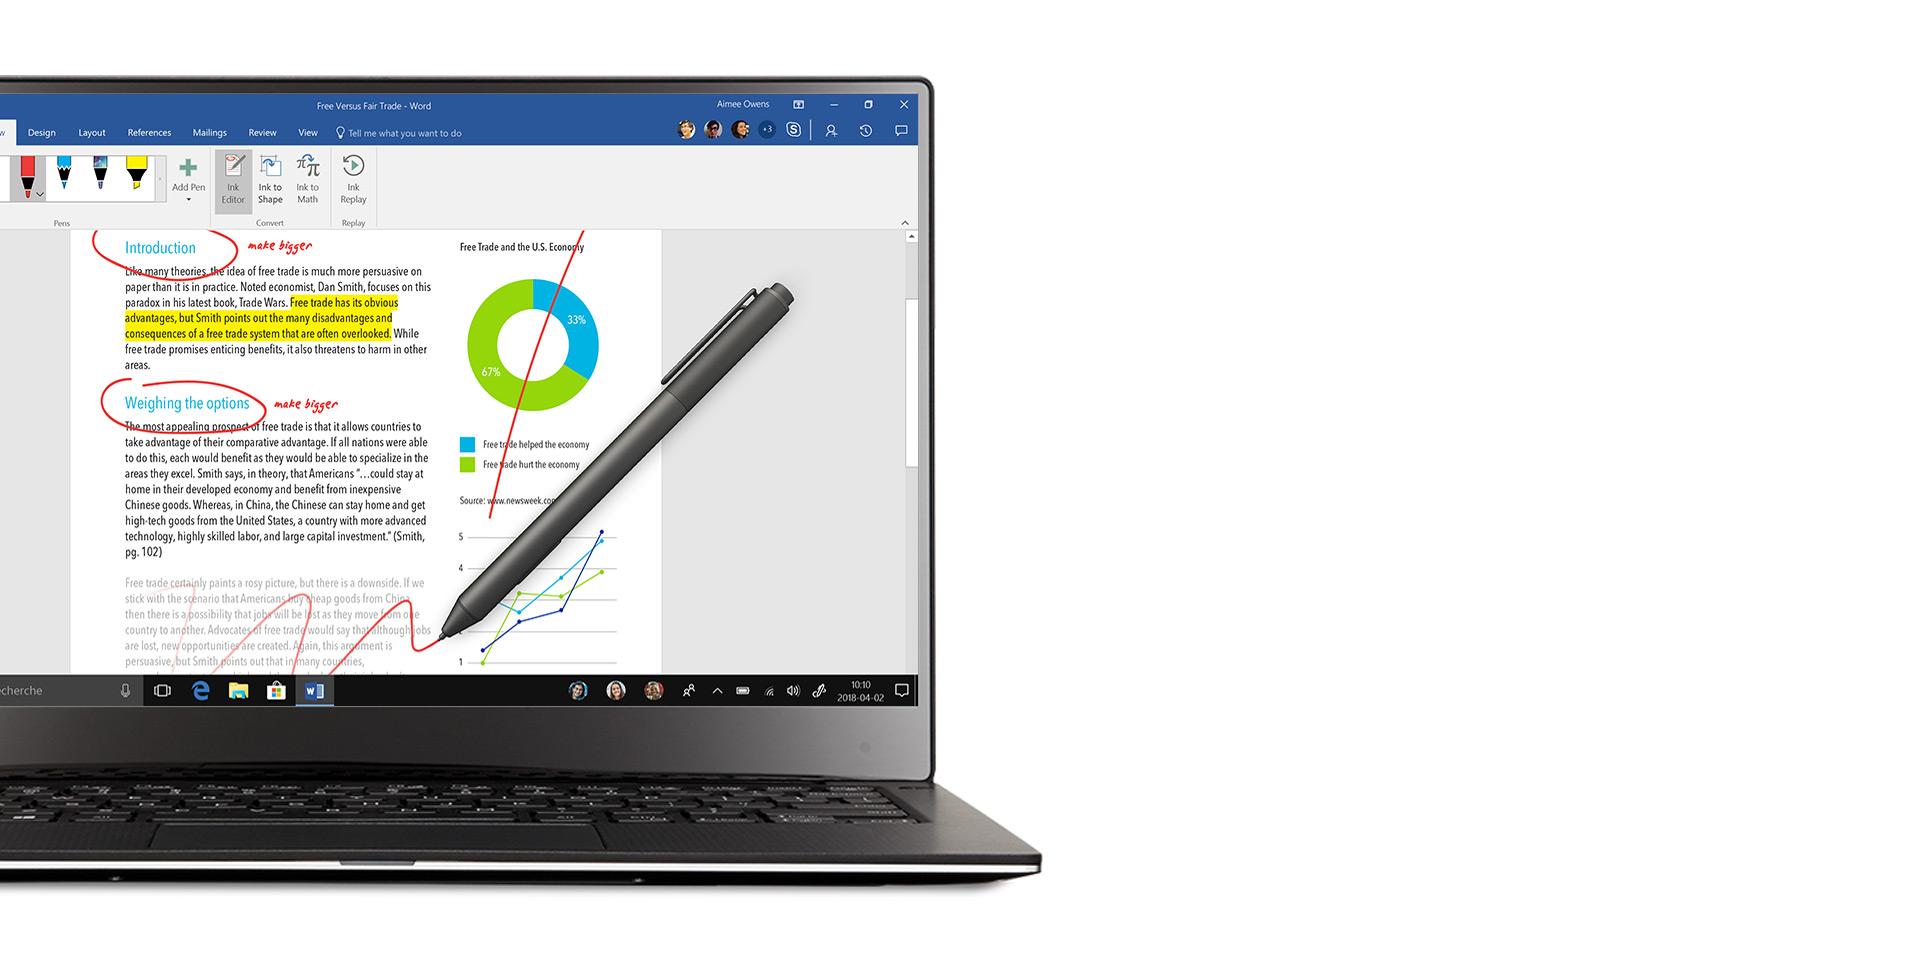 Ordinateur portable Windows10 avec l'écran Word